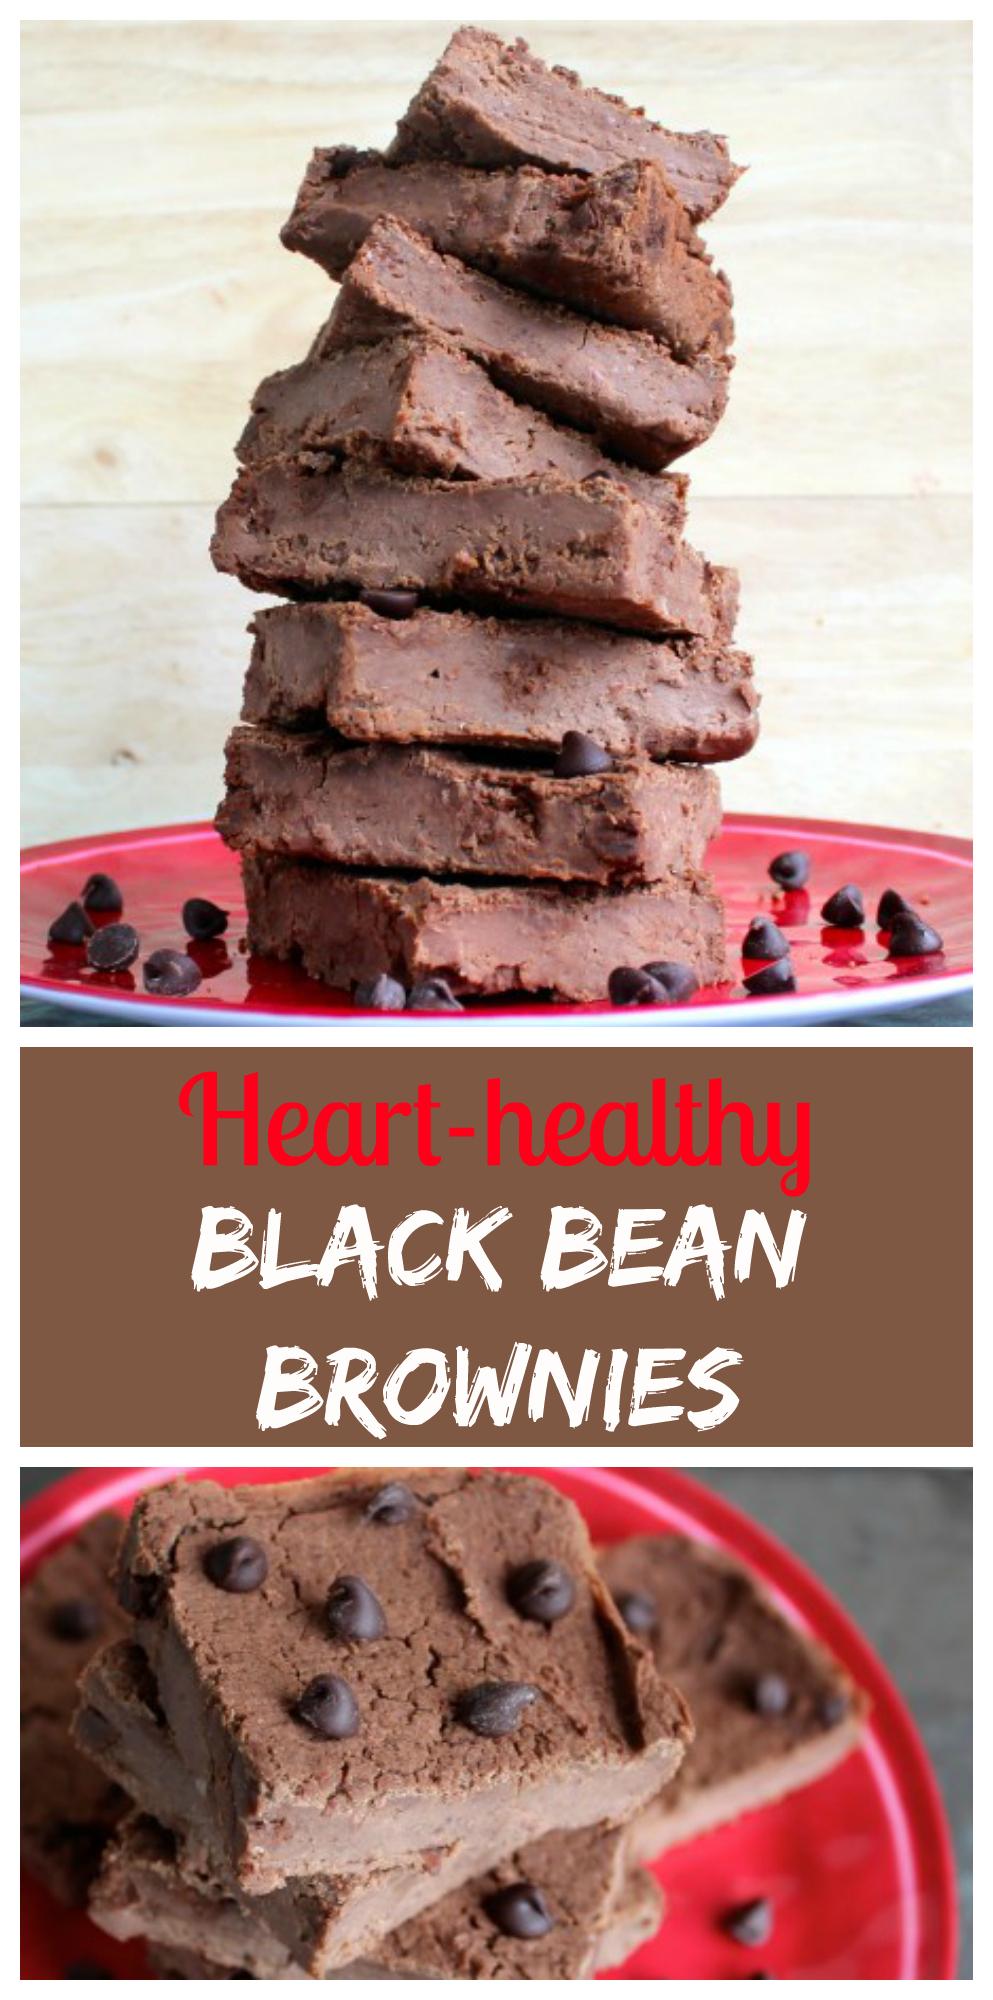 Heart-healthy Black Bean Brownies - Low-glycemic, Vegan, Gluten-free